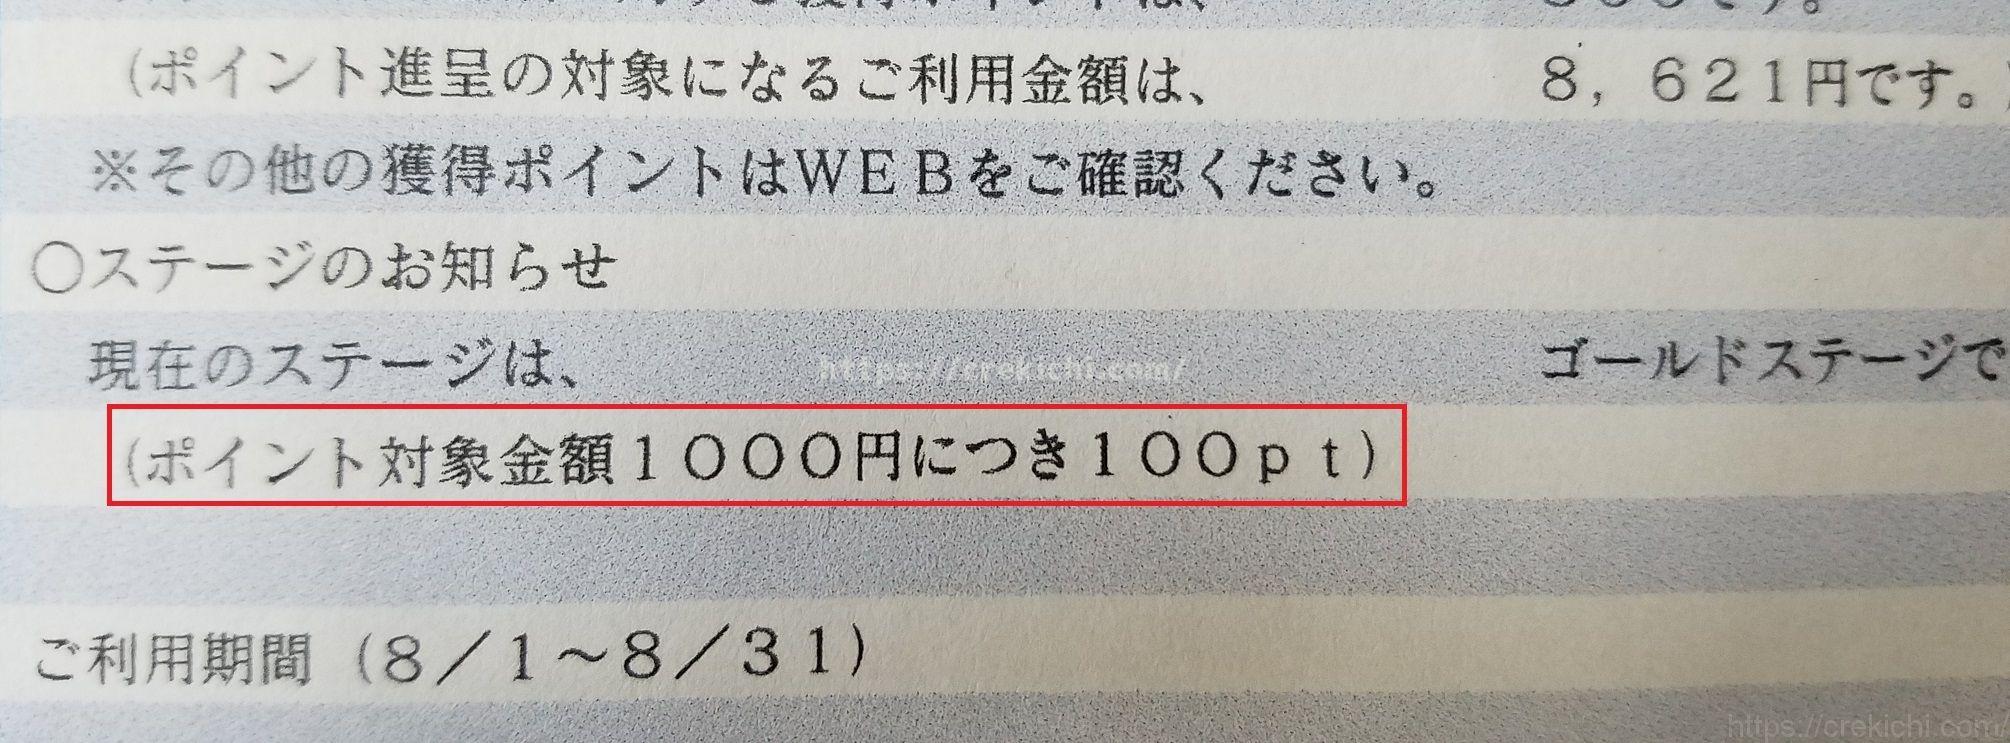 ゴールドステージで獲得できるポイントは1,000円あたり100P